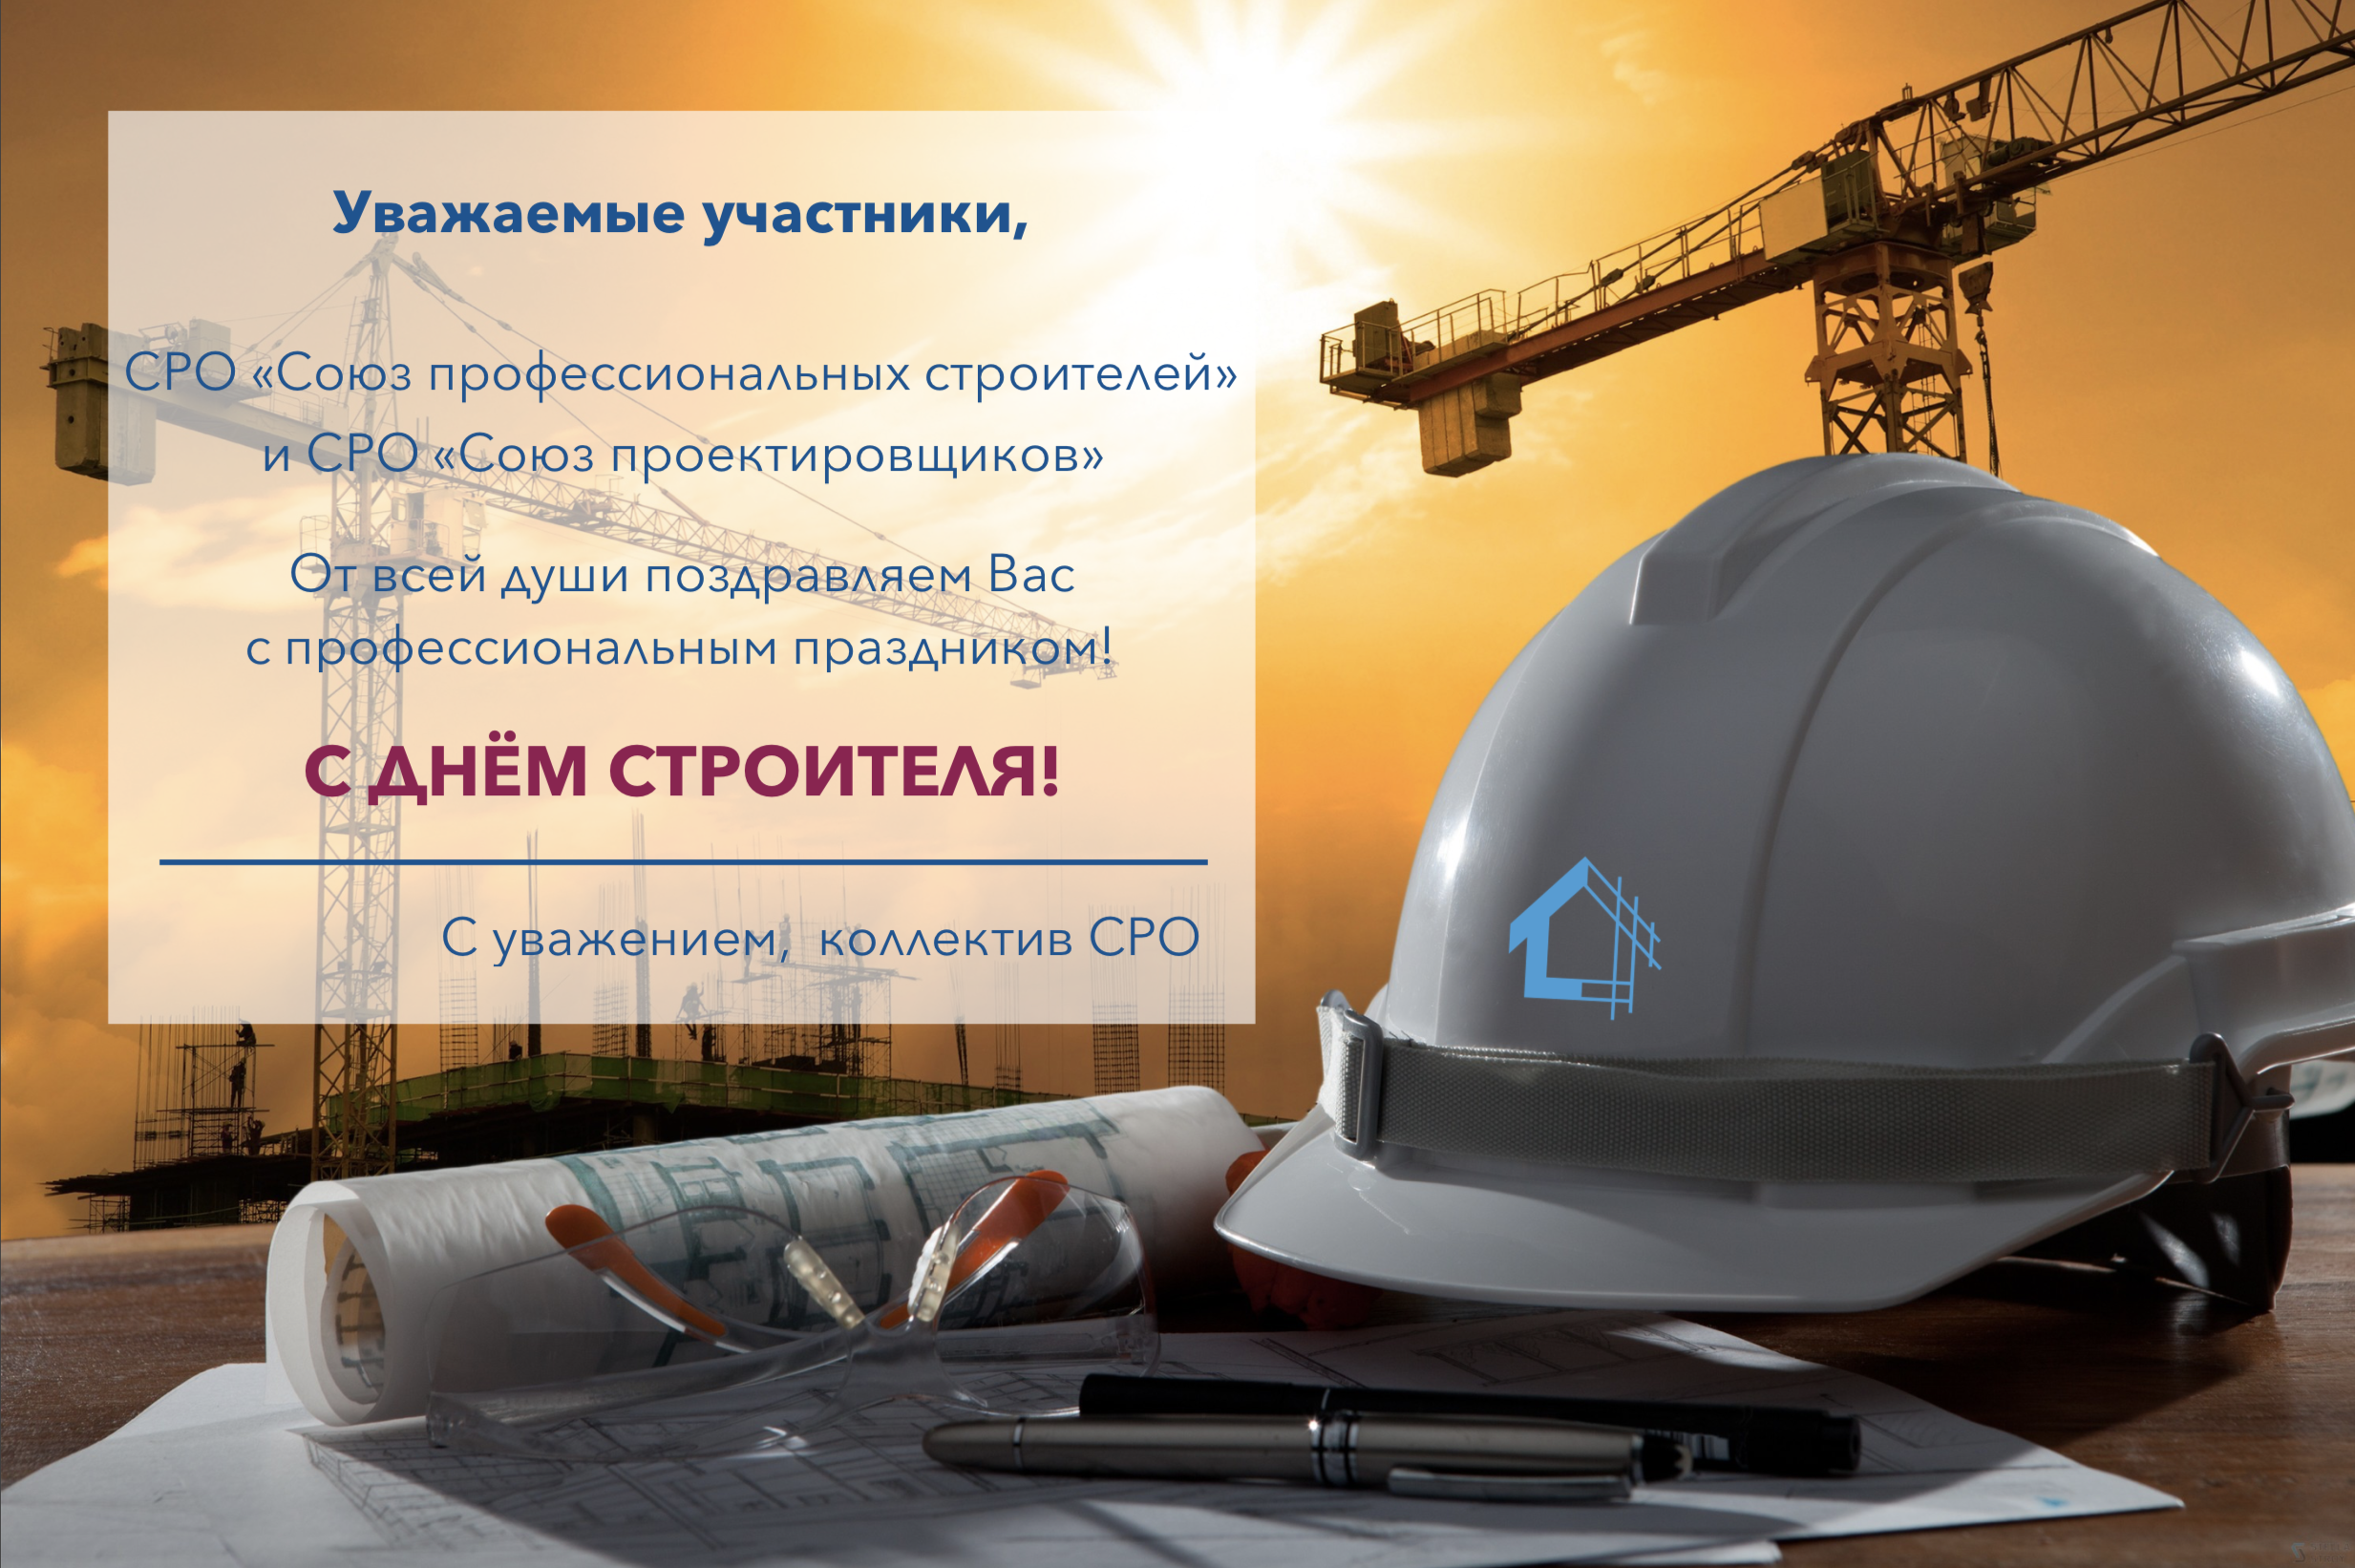 Уважаемые коллеги, С Днем строителя!